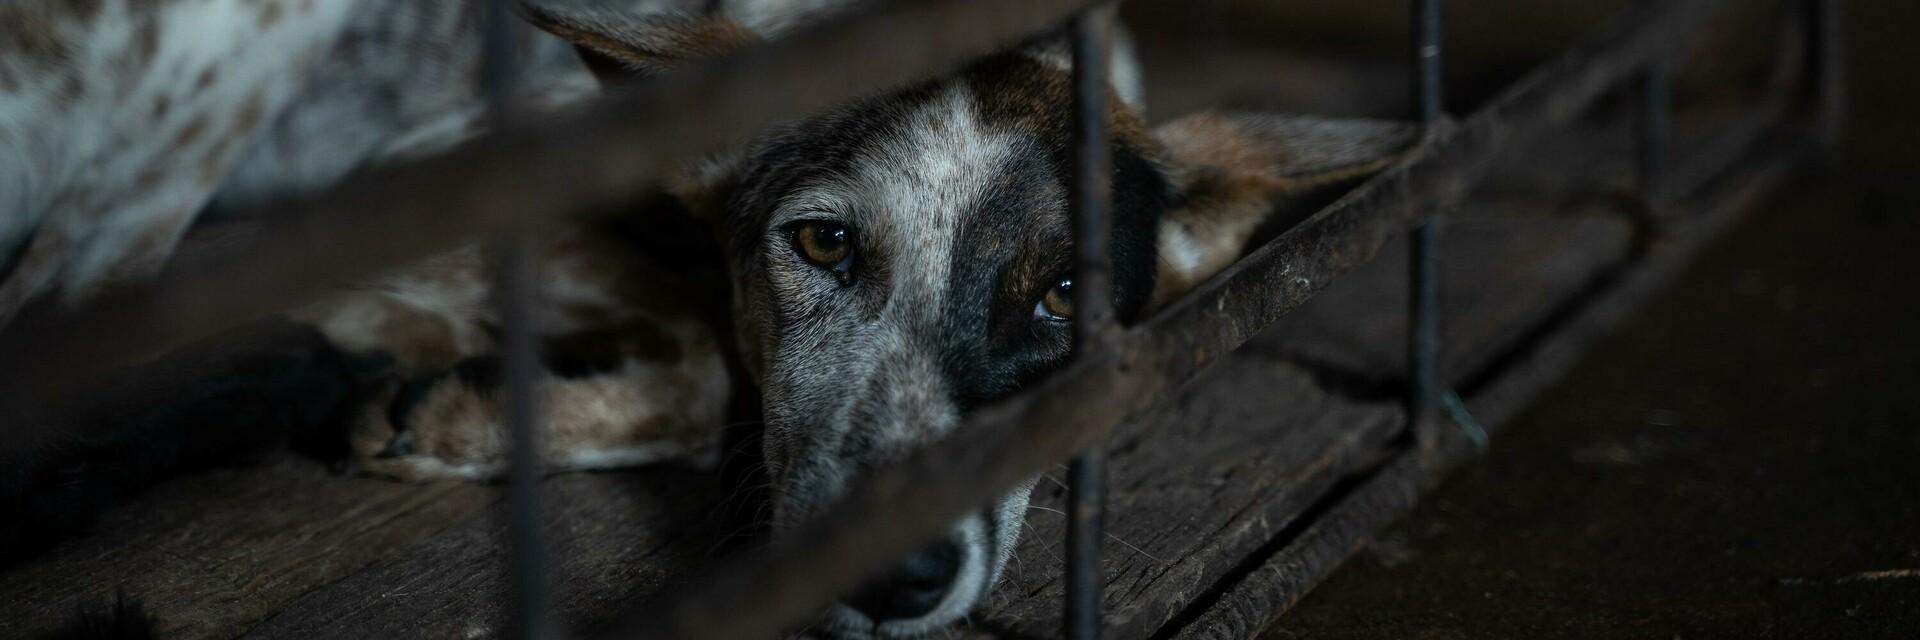 Hund im Käfig in einem Schlachthaus